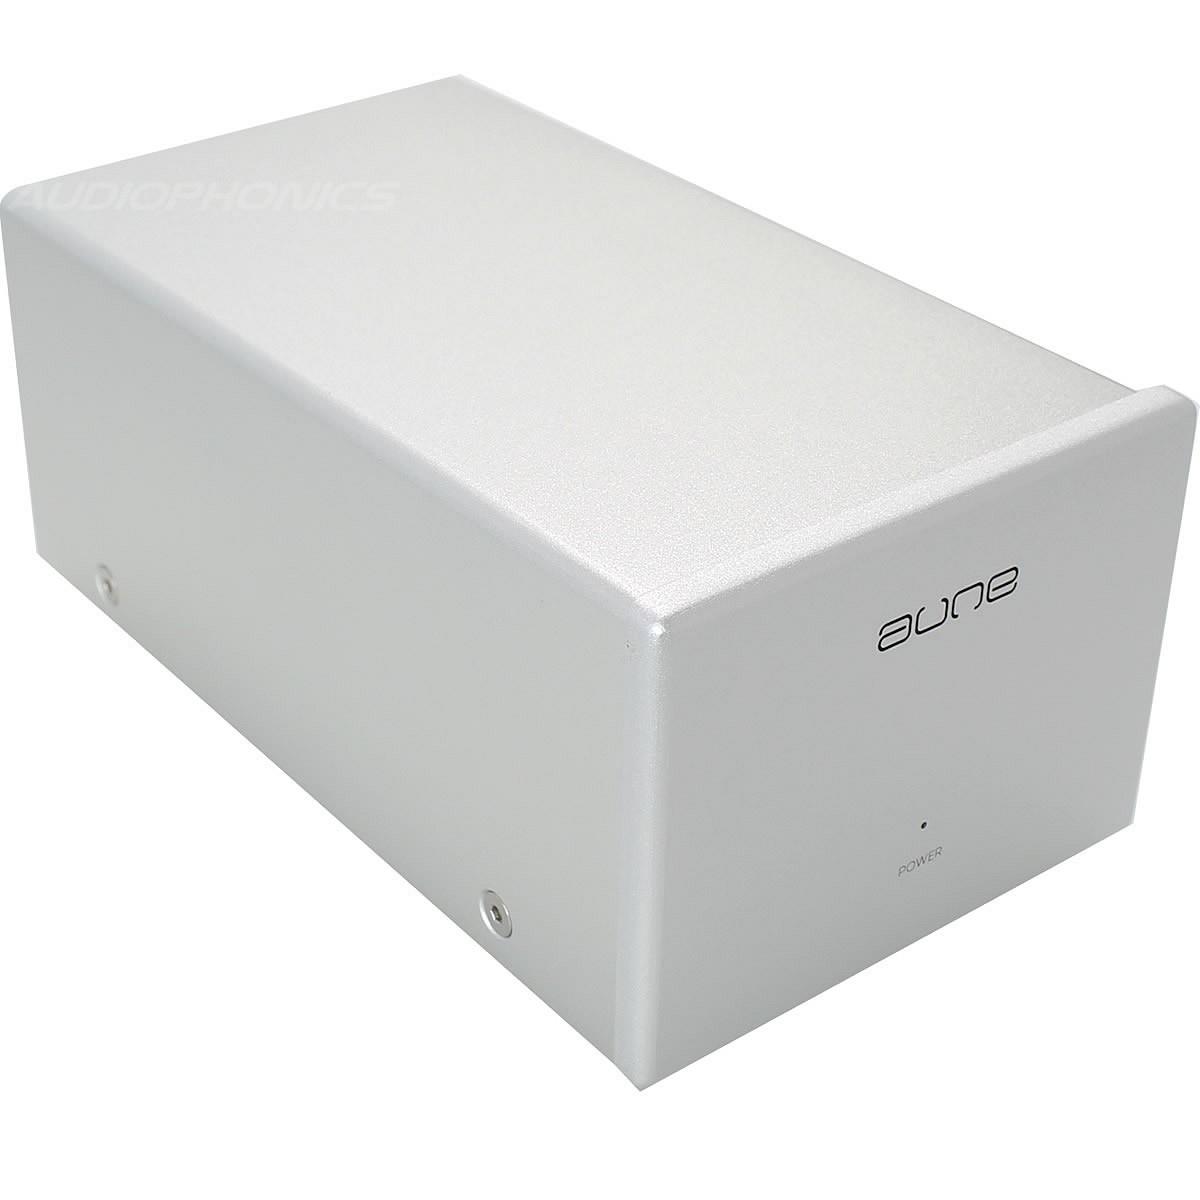 AUNE XP1 External Linear Power Supply for AUNE X1s / X5s / X7s / T1se Argent